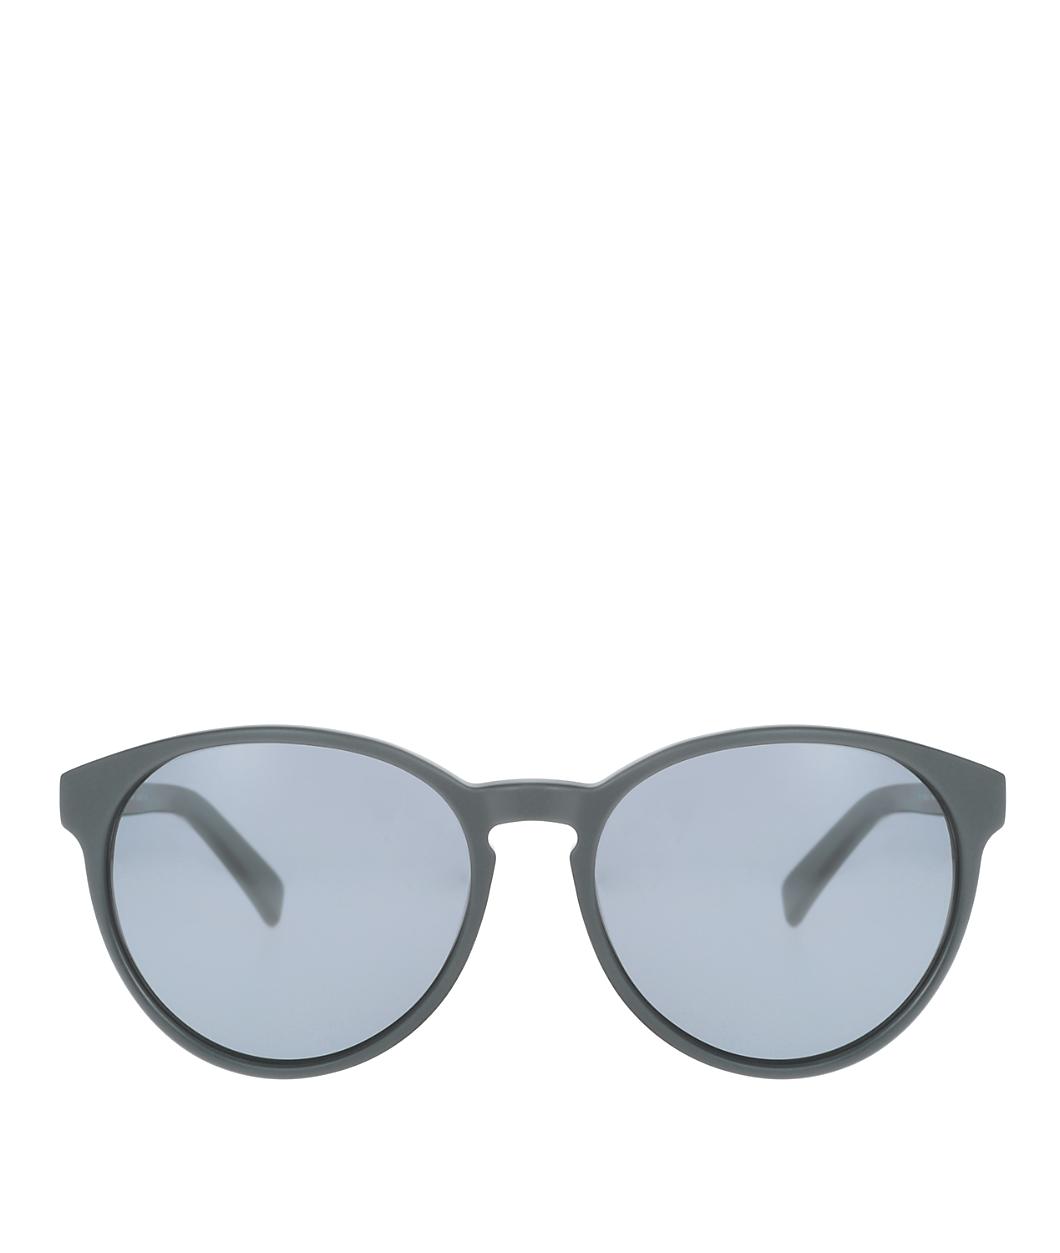 Liebeskind - Ovale Brille   Brillen   Pinterest